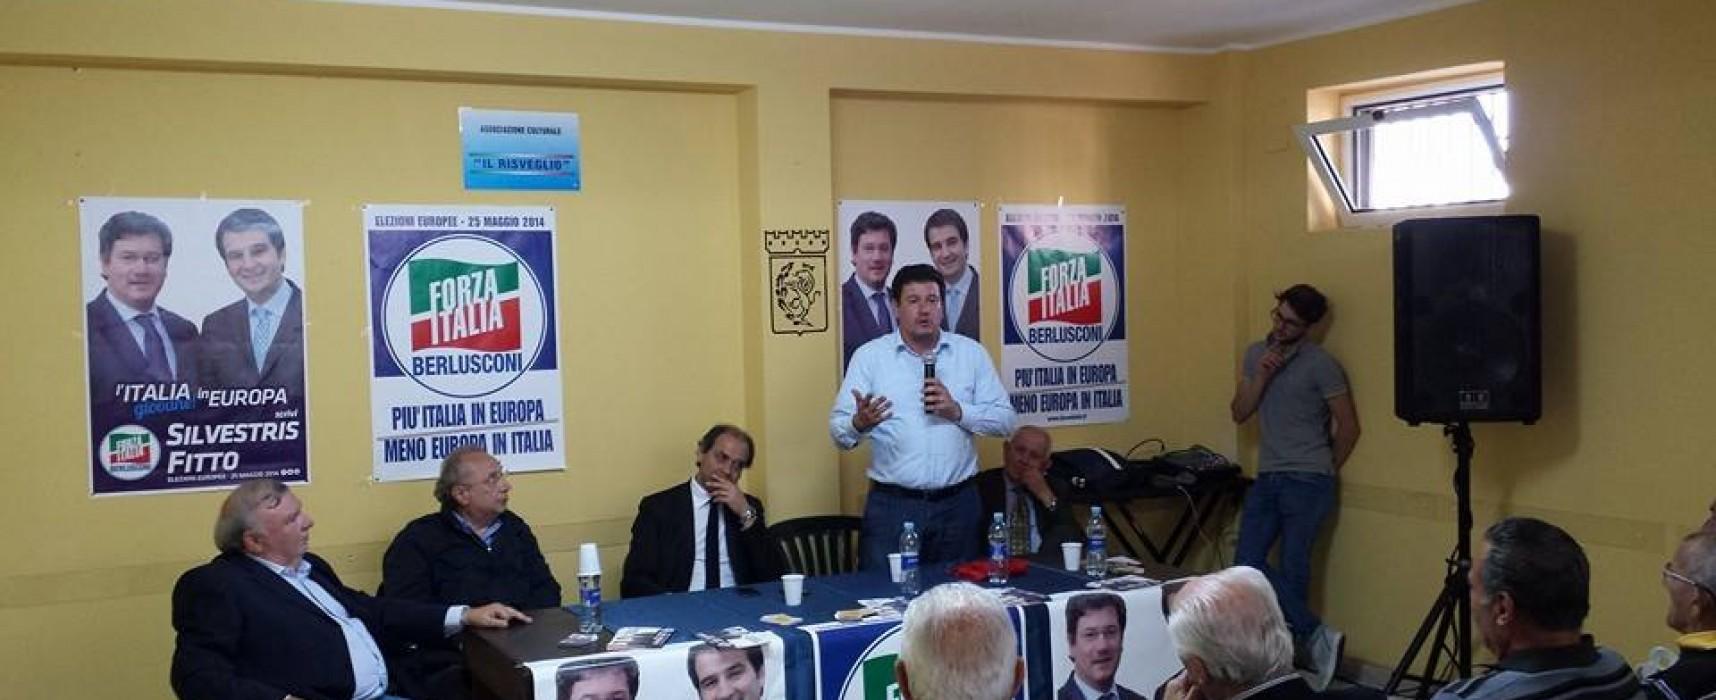 Il ringraziamento di Sergio Silvestris ai suoi elettori, conferenza stampa Sabato 31 alle ore 17.00 presso Hotel Salsello